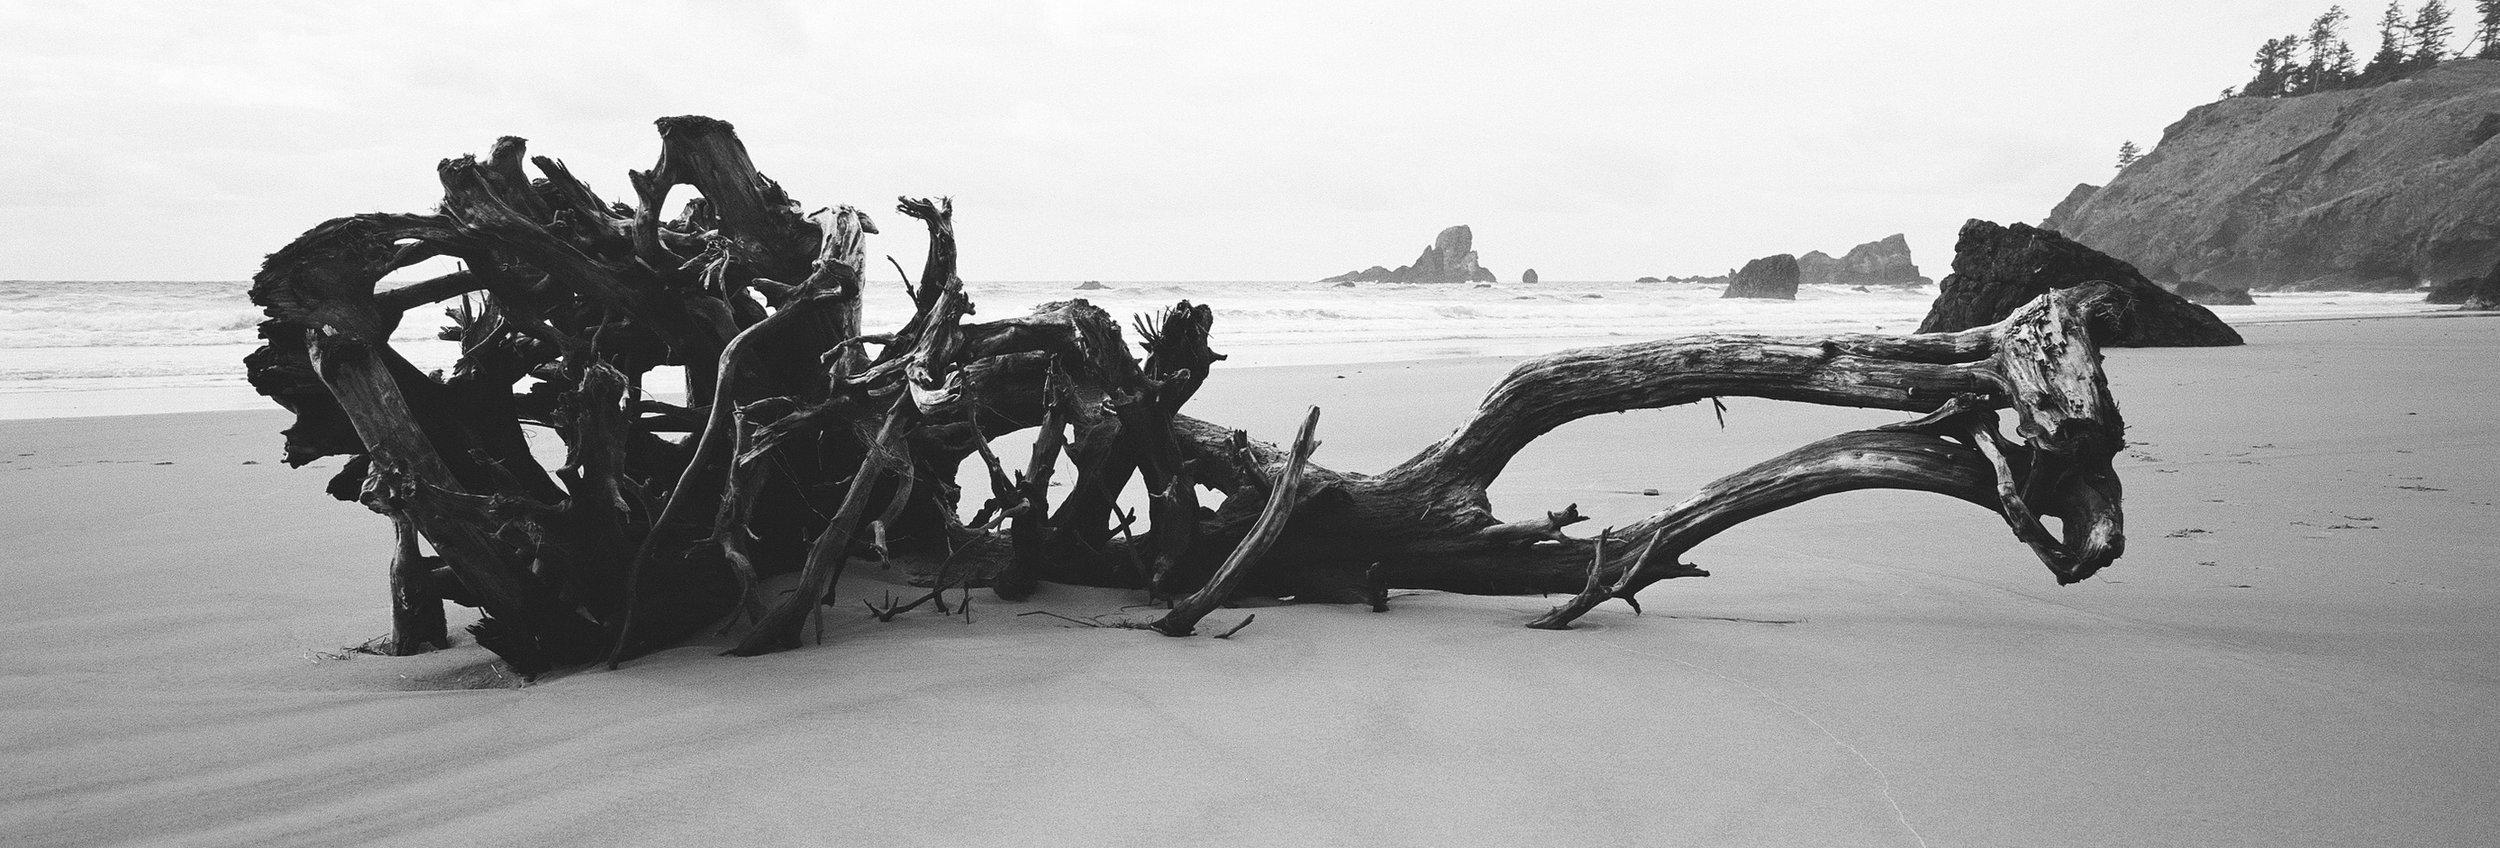 Driftwood; Kodak Tri X 400